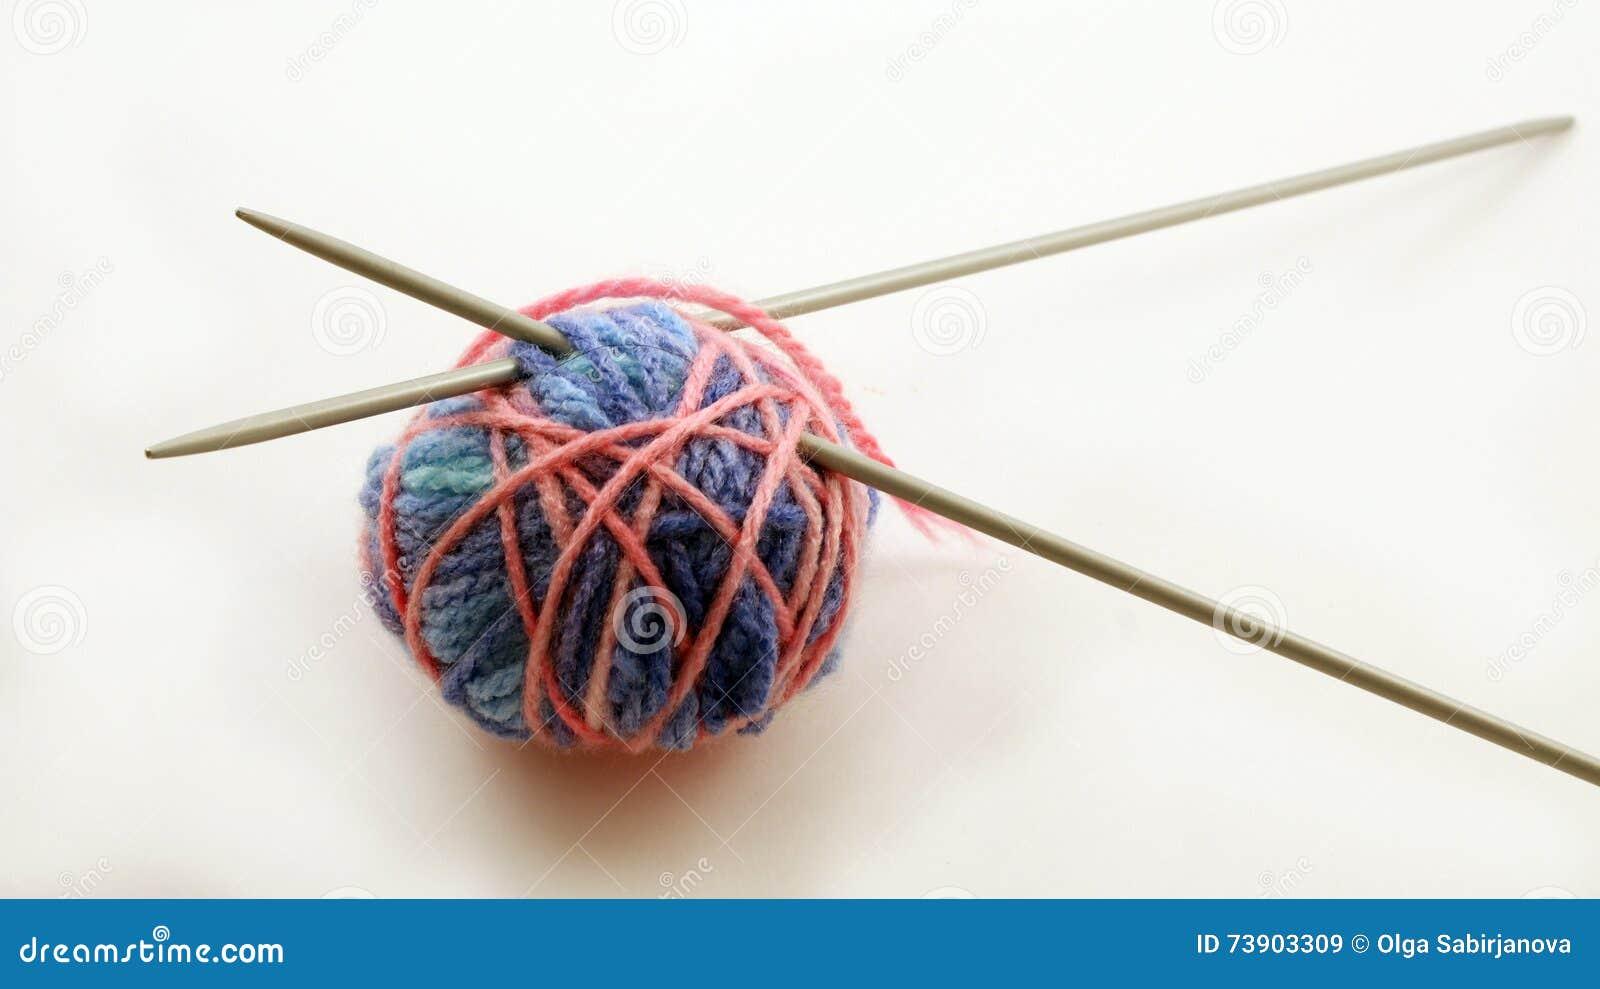 Bolas de lana y agujas que hacen punto